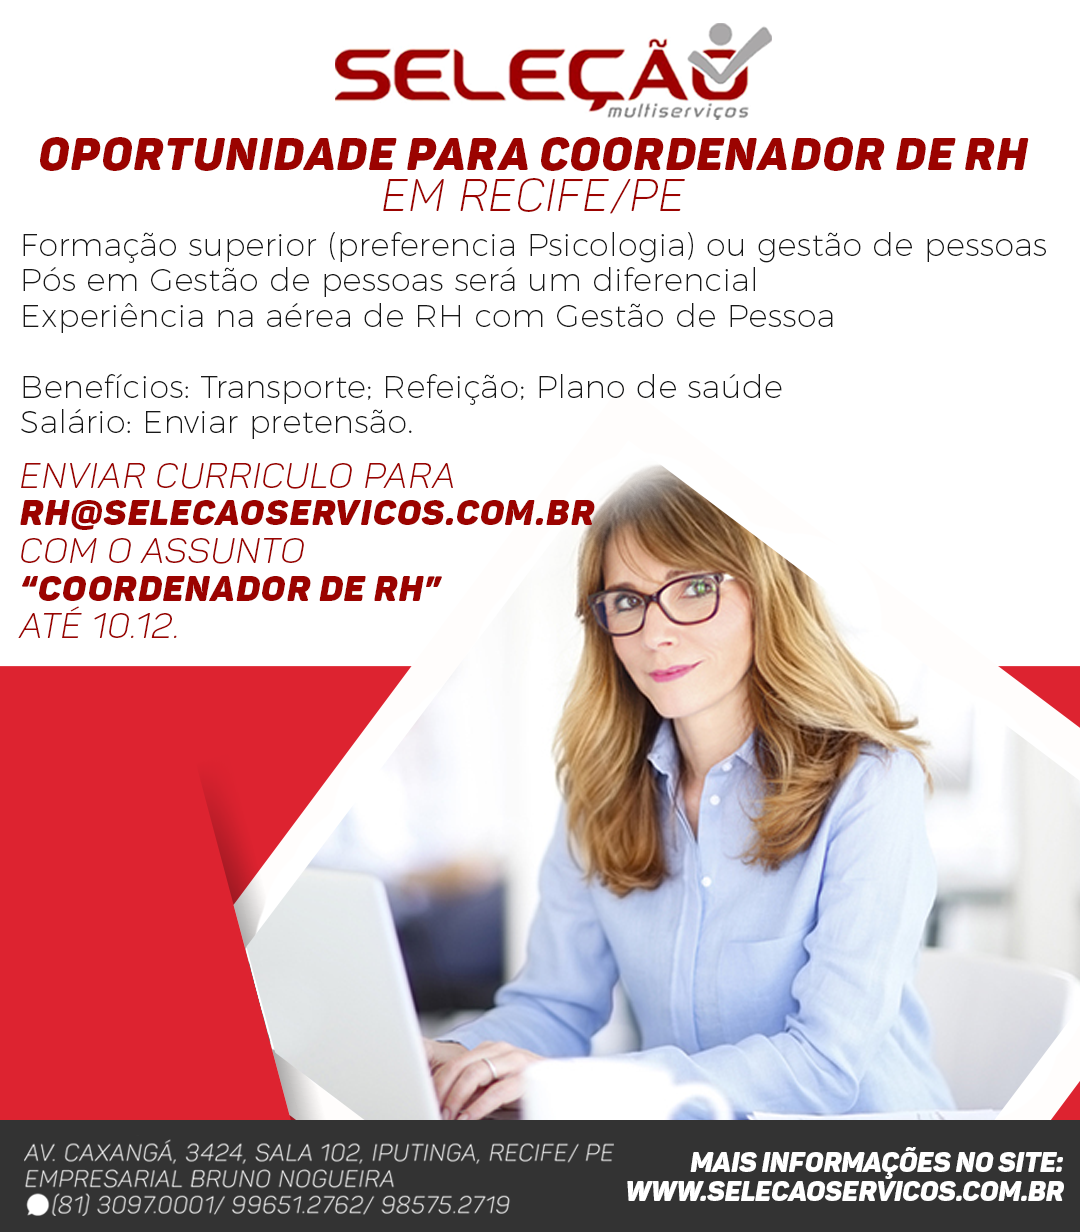 Oportunidade para Coordenador de RH